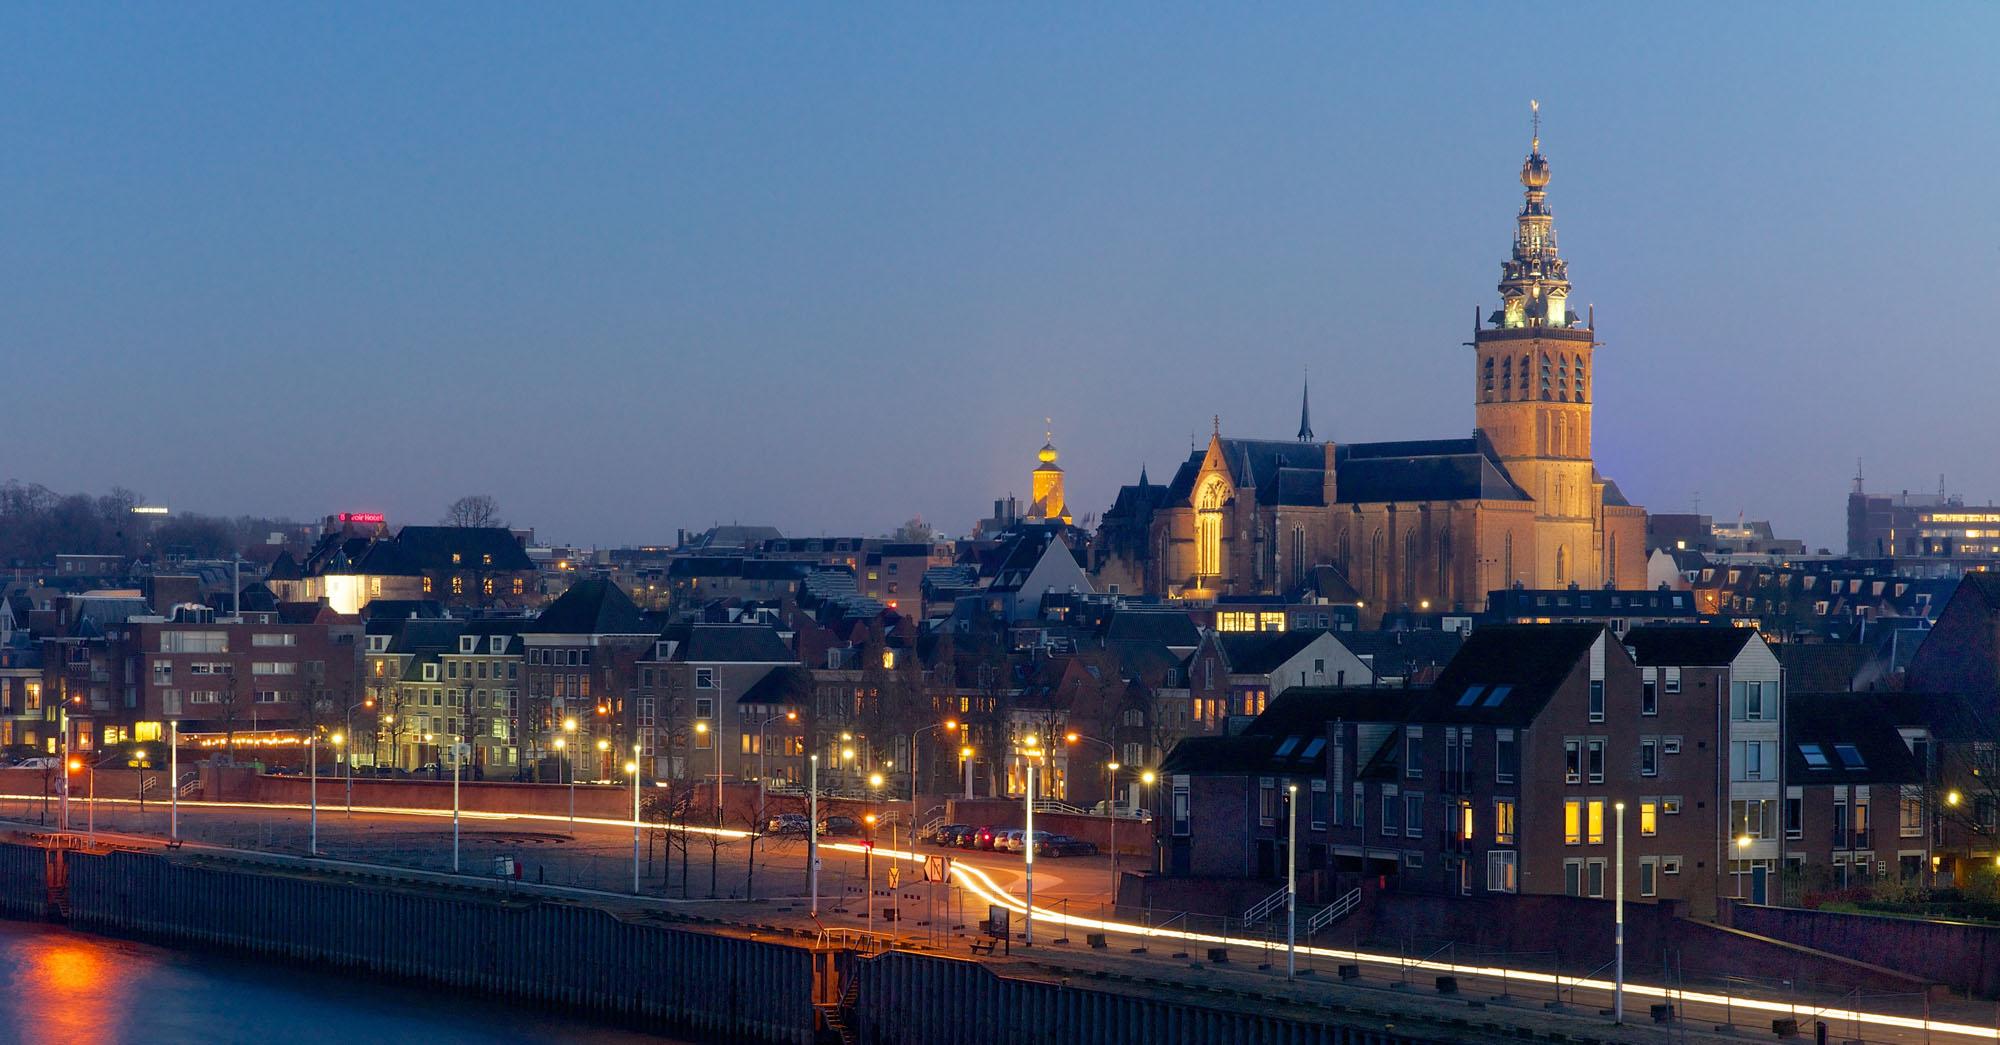 Hc Nijmegen